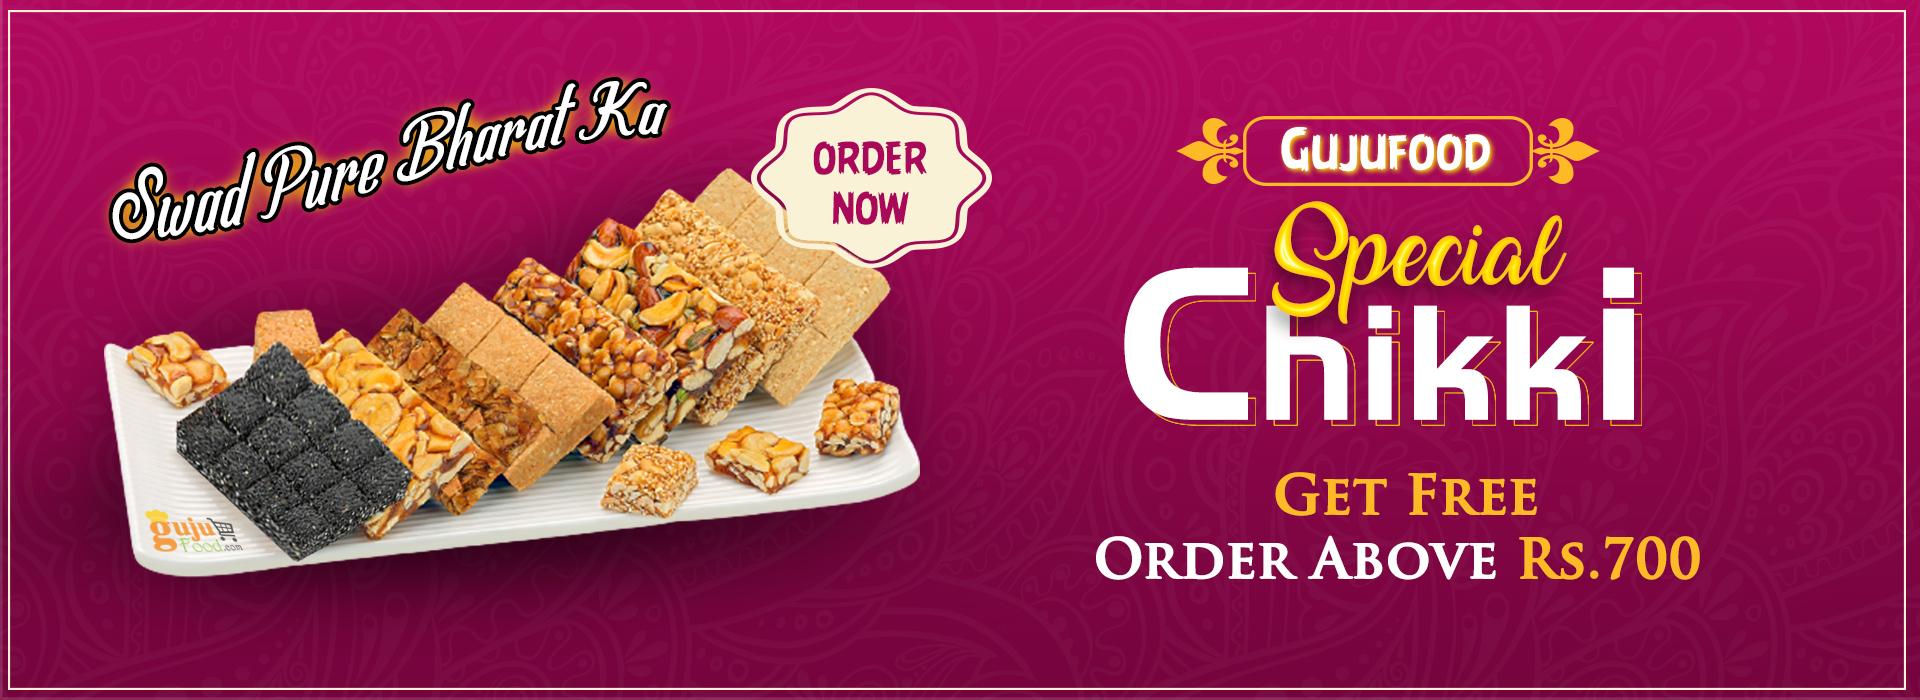 Get Gujufood Special Chikki Free